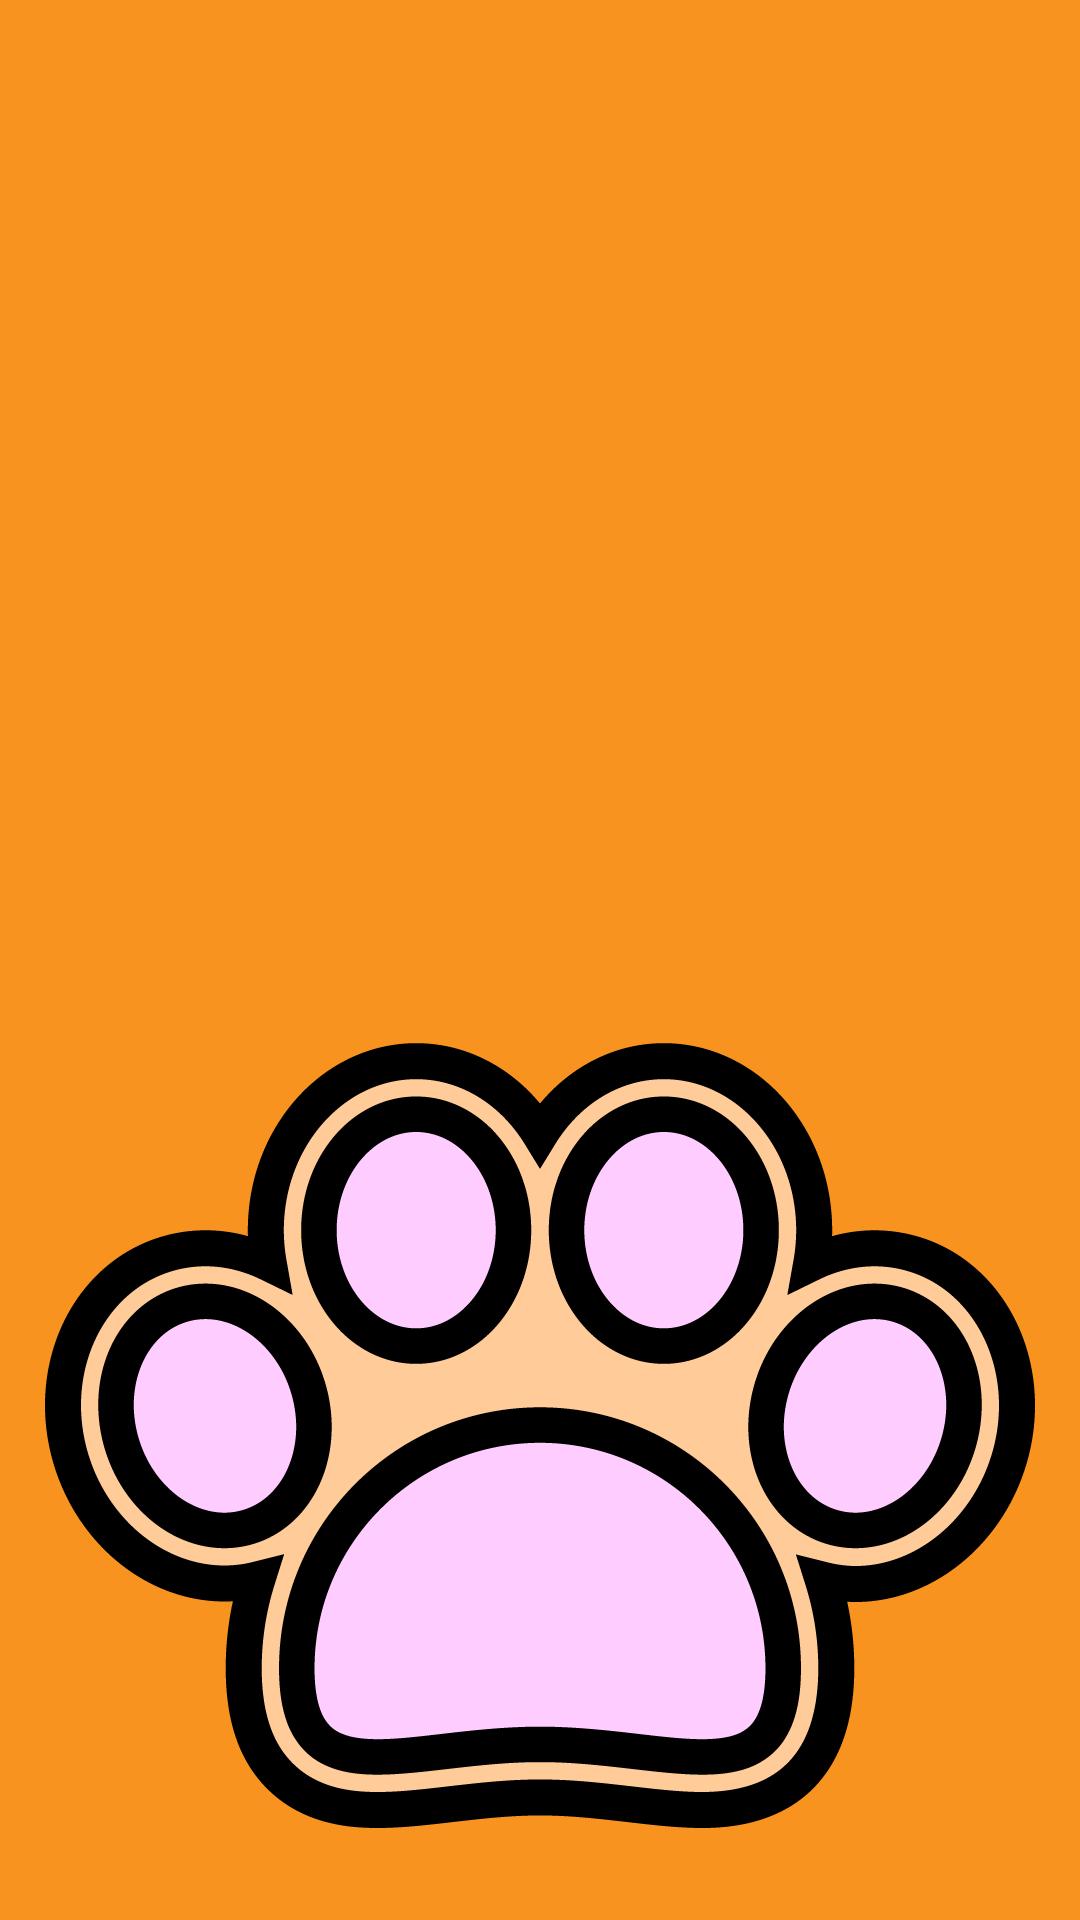 かわいい犬の肉球壁紙(iPhone)の無料イラスト・商用フリー